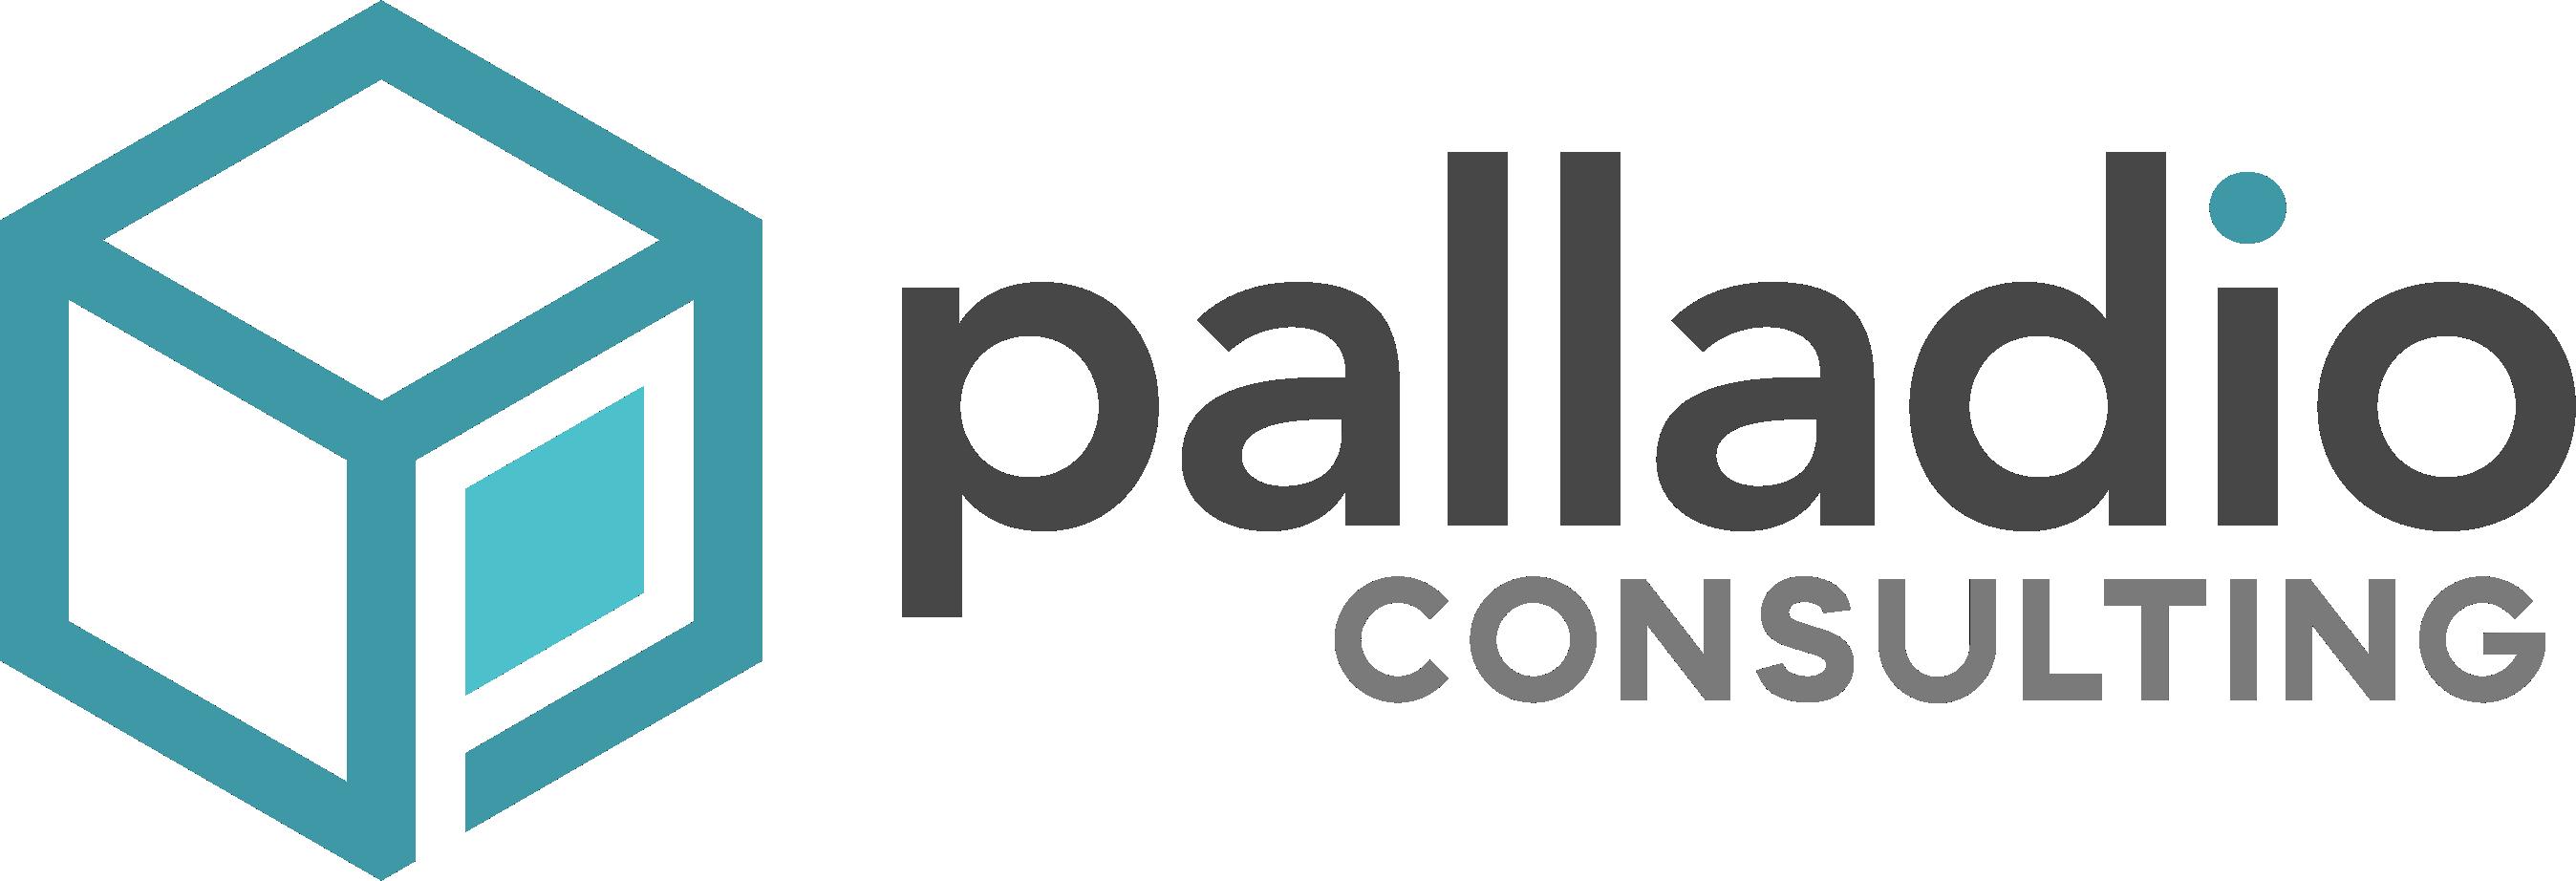 palladio consulting